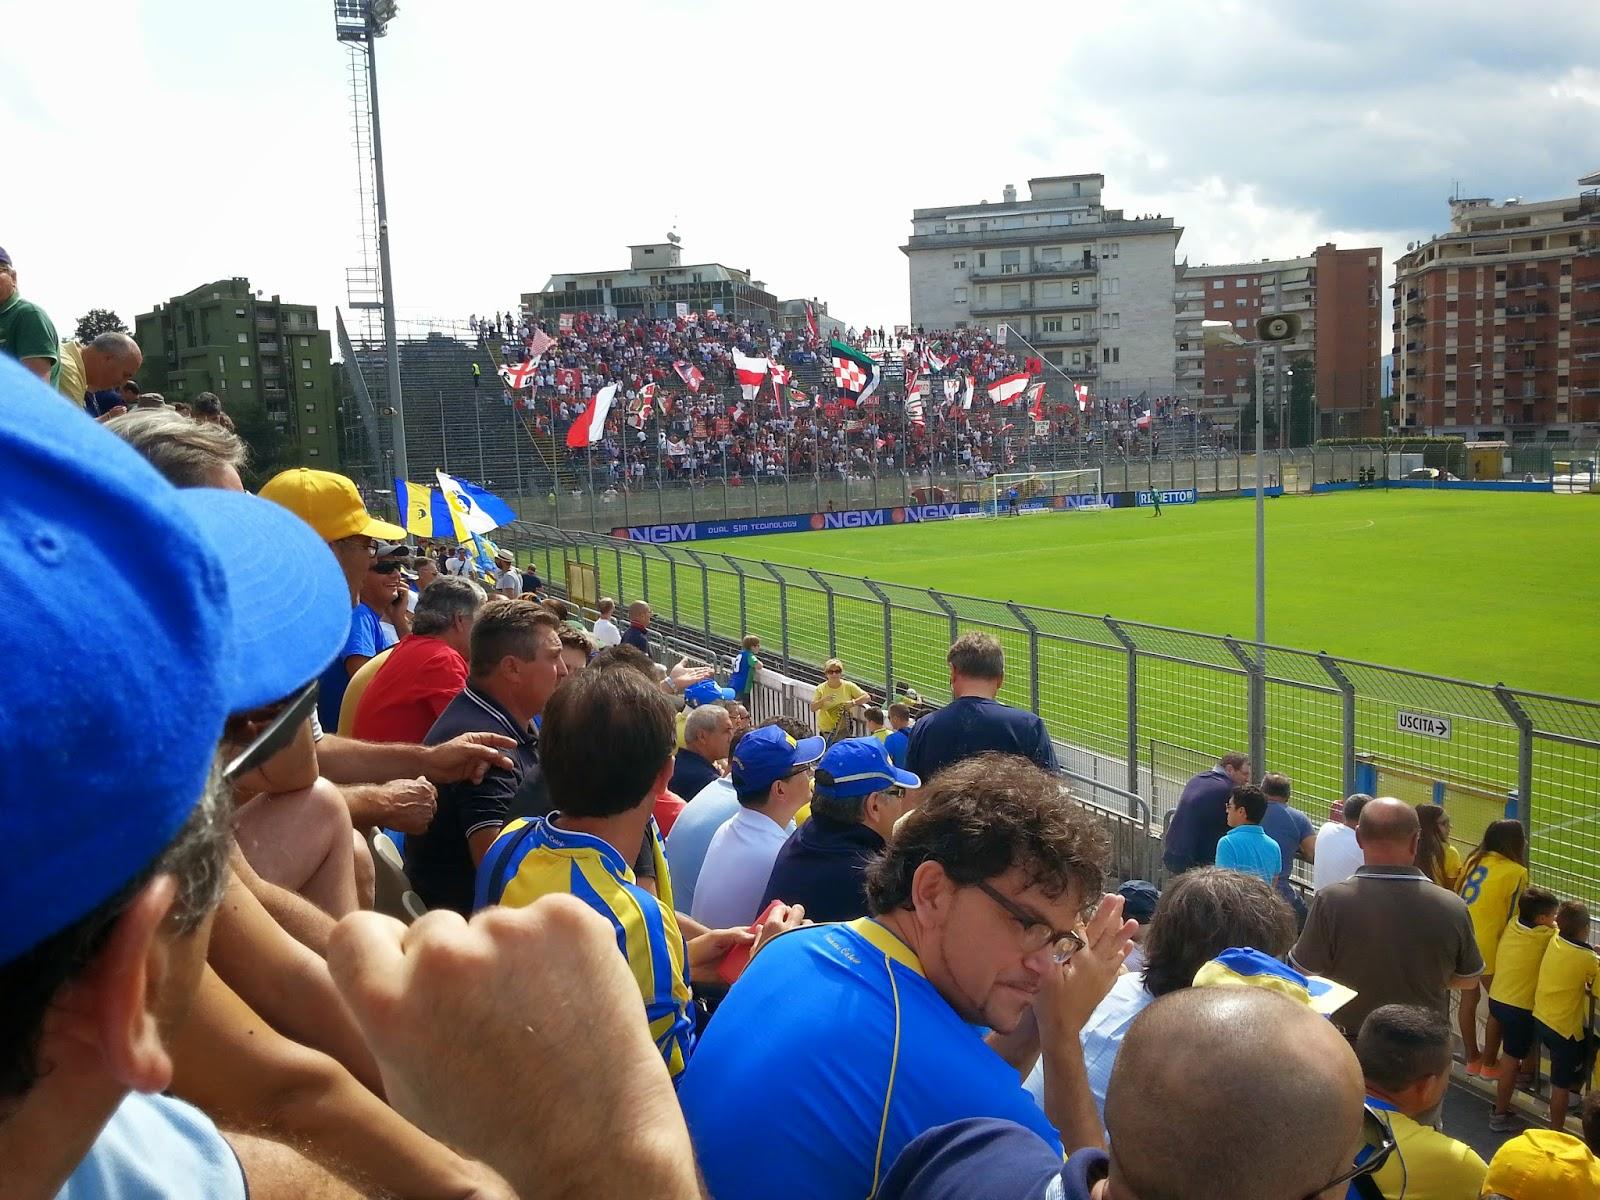 La folta rappresentanza dei tifosi del Bari. fotosportnotizie.com